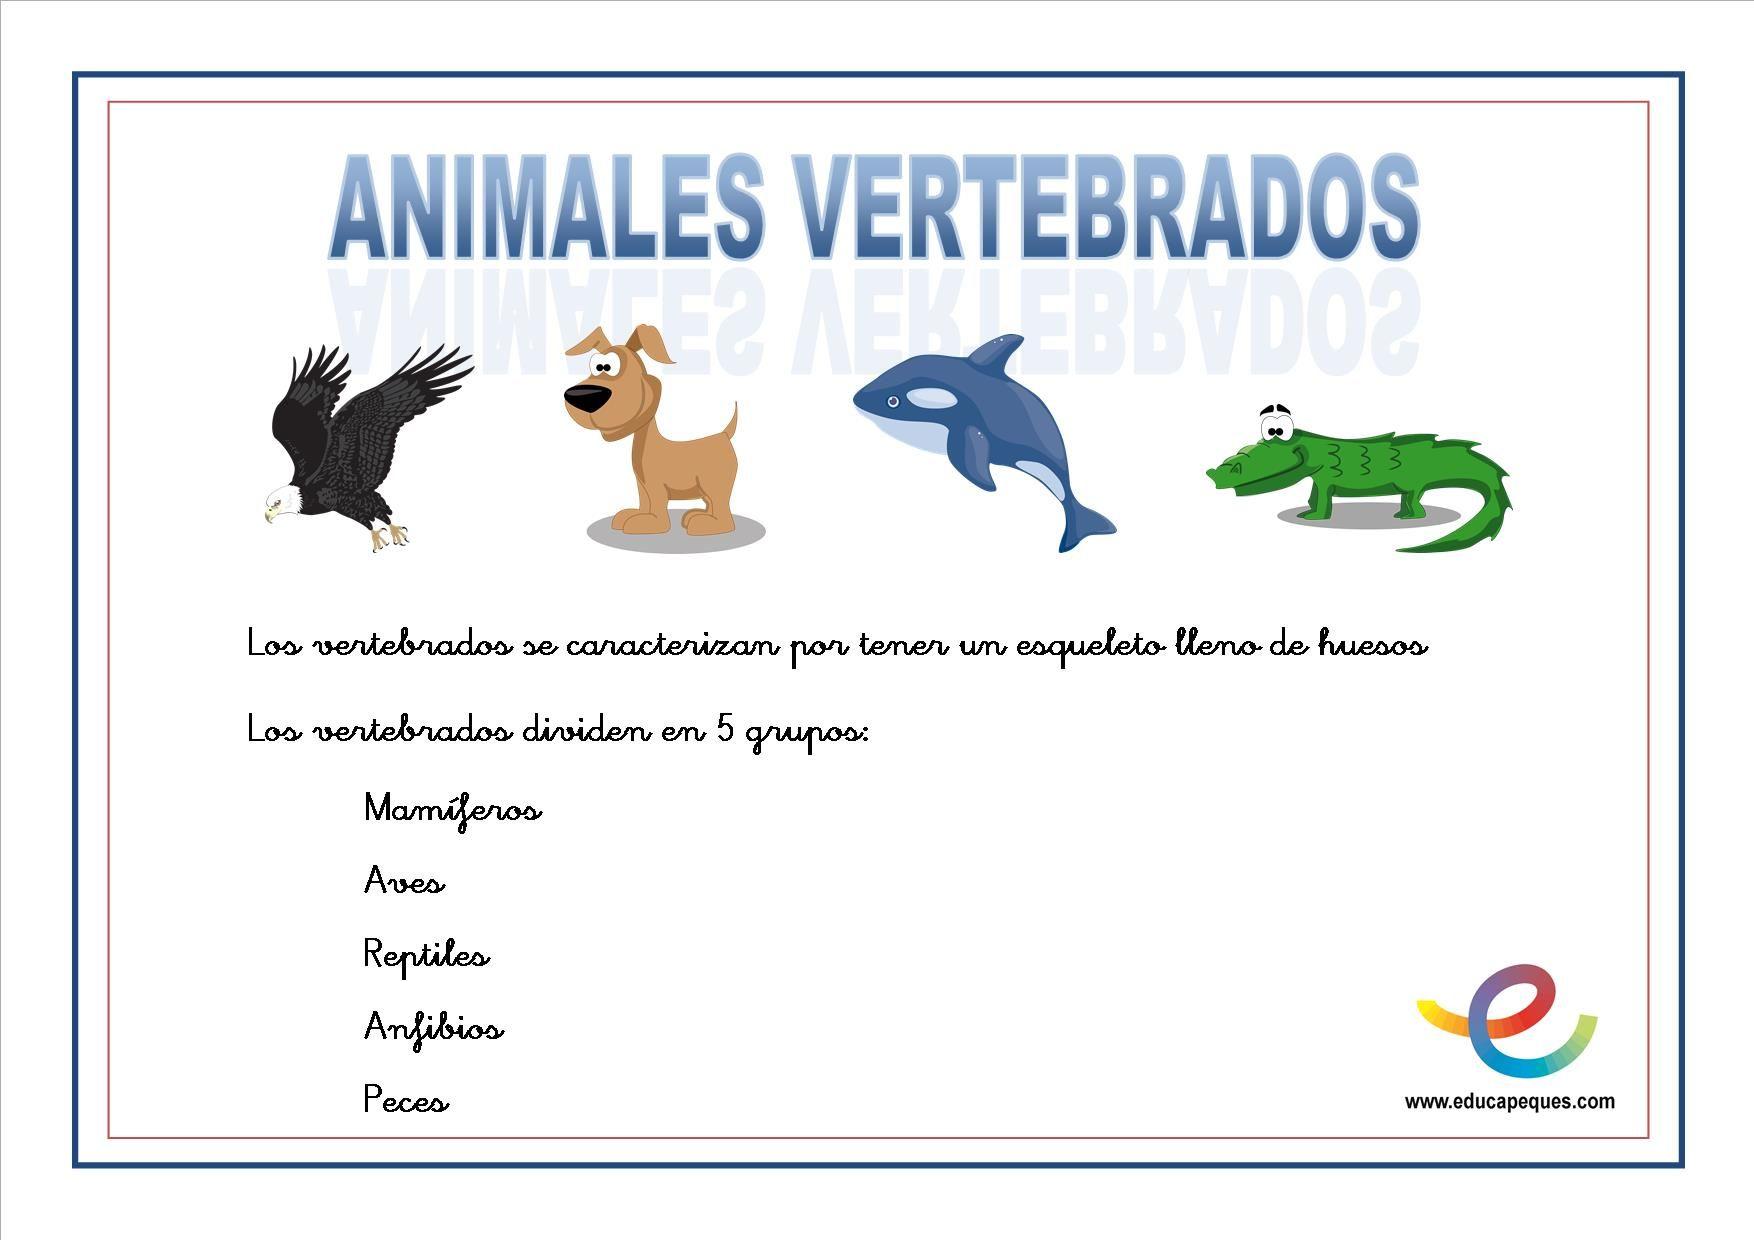 Todos Los Animales Vertebrados Tienen Una Caracteristica